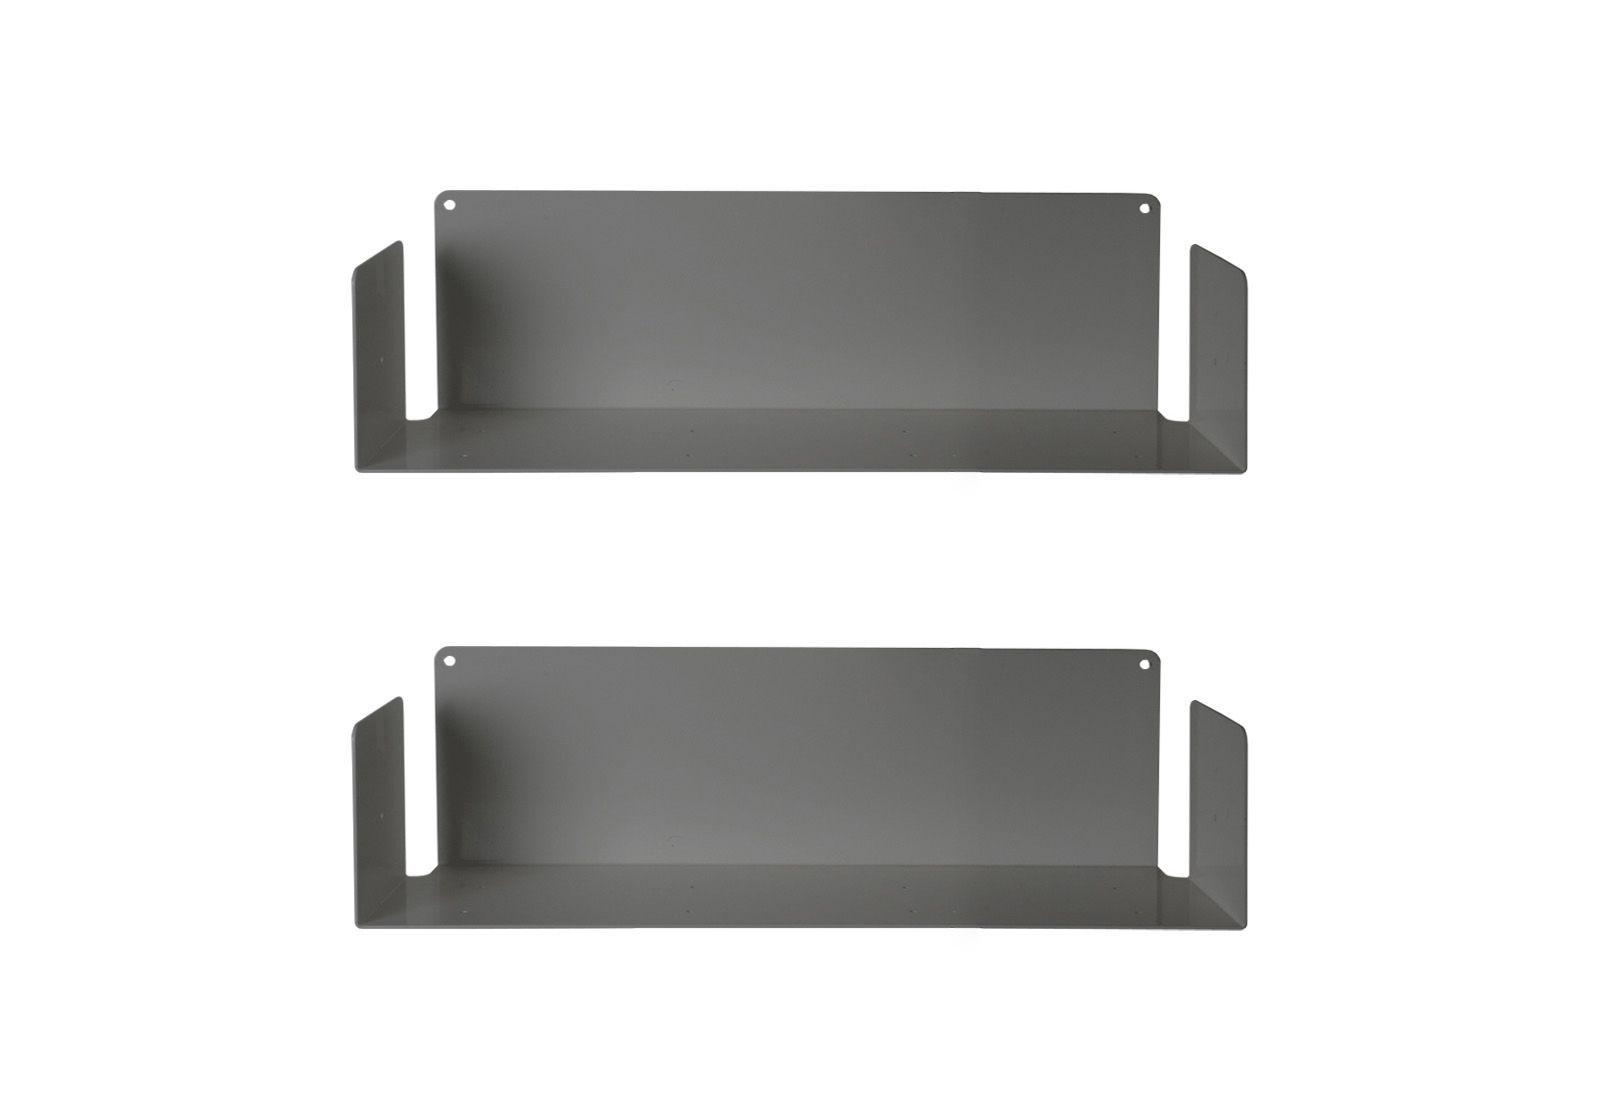 Set of 2 USCD - CD shelves